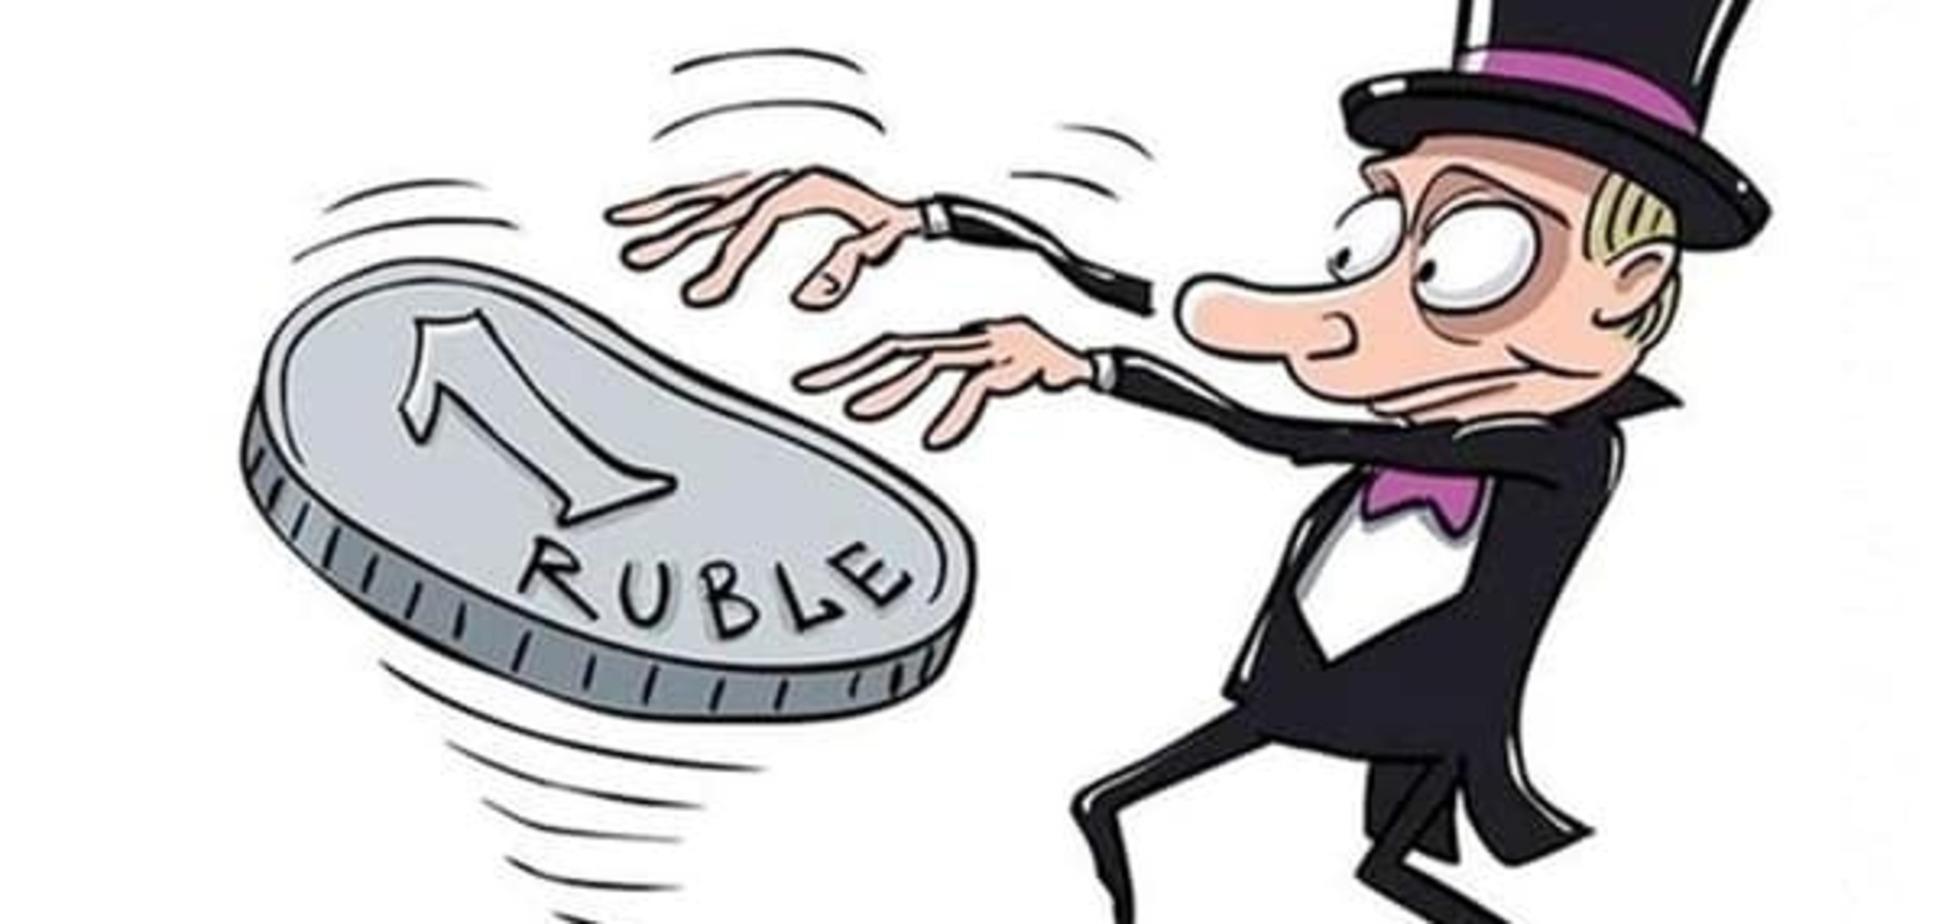 В сети высмеяли очередное падение российской валюты